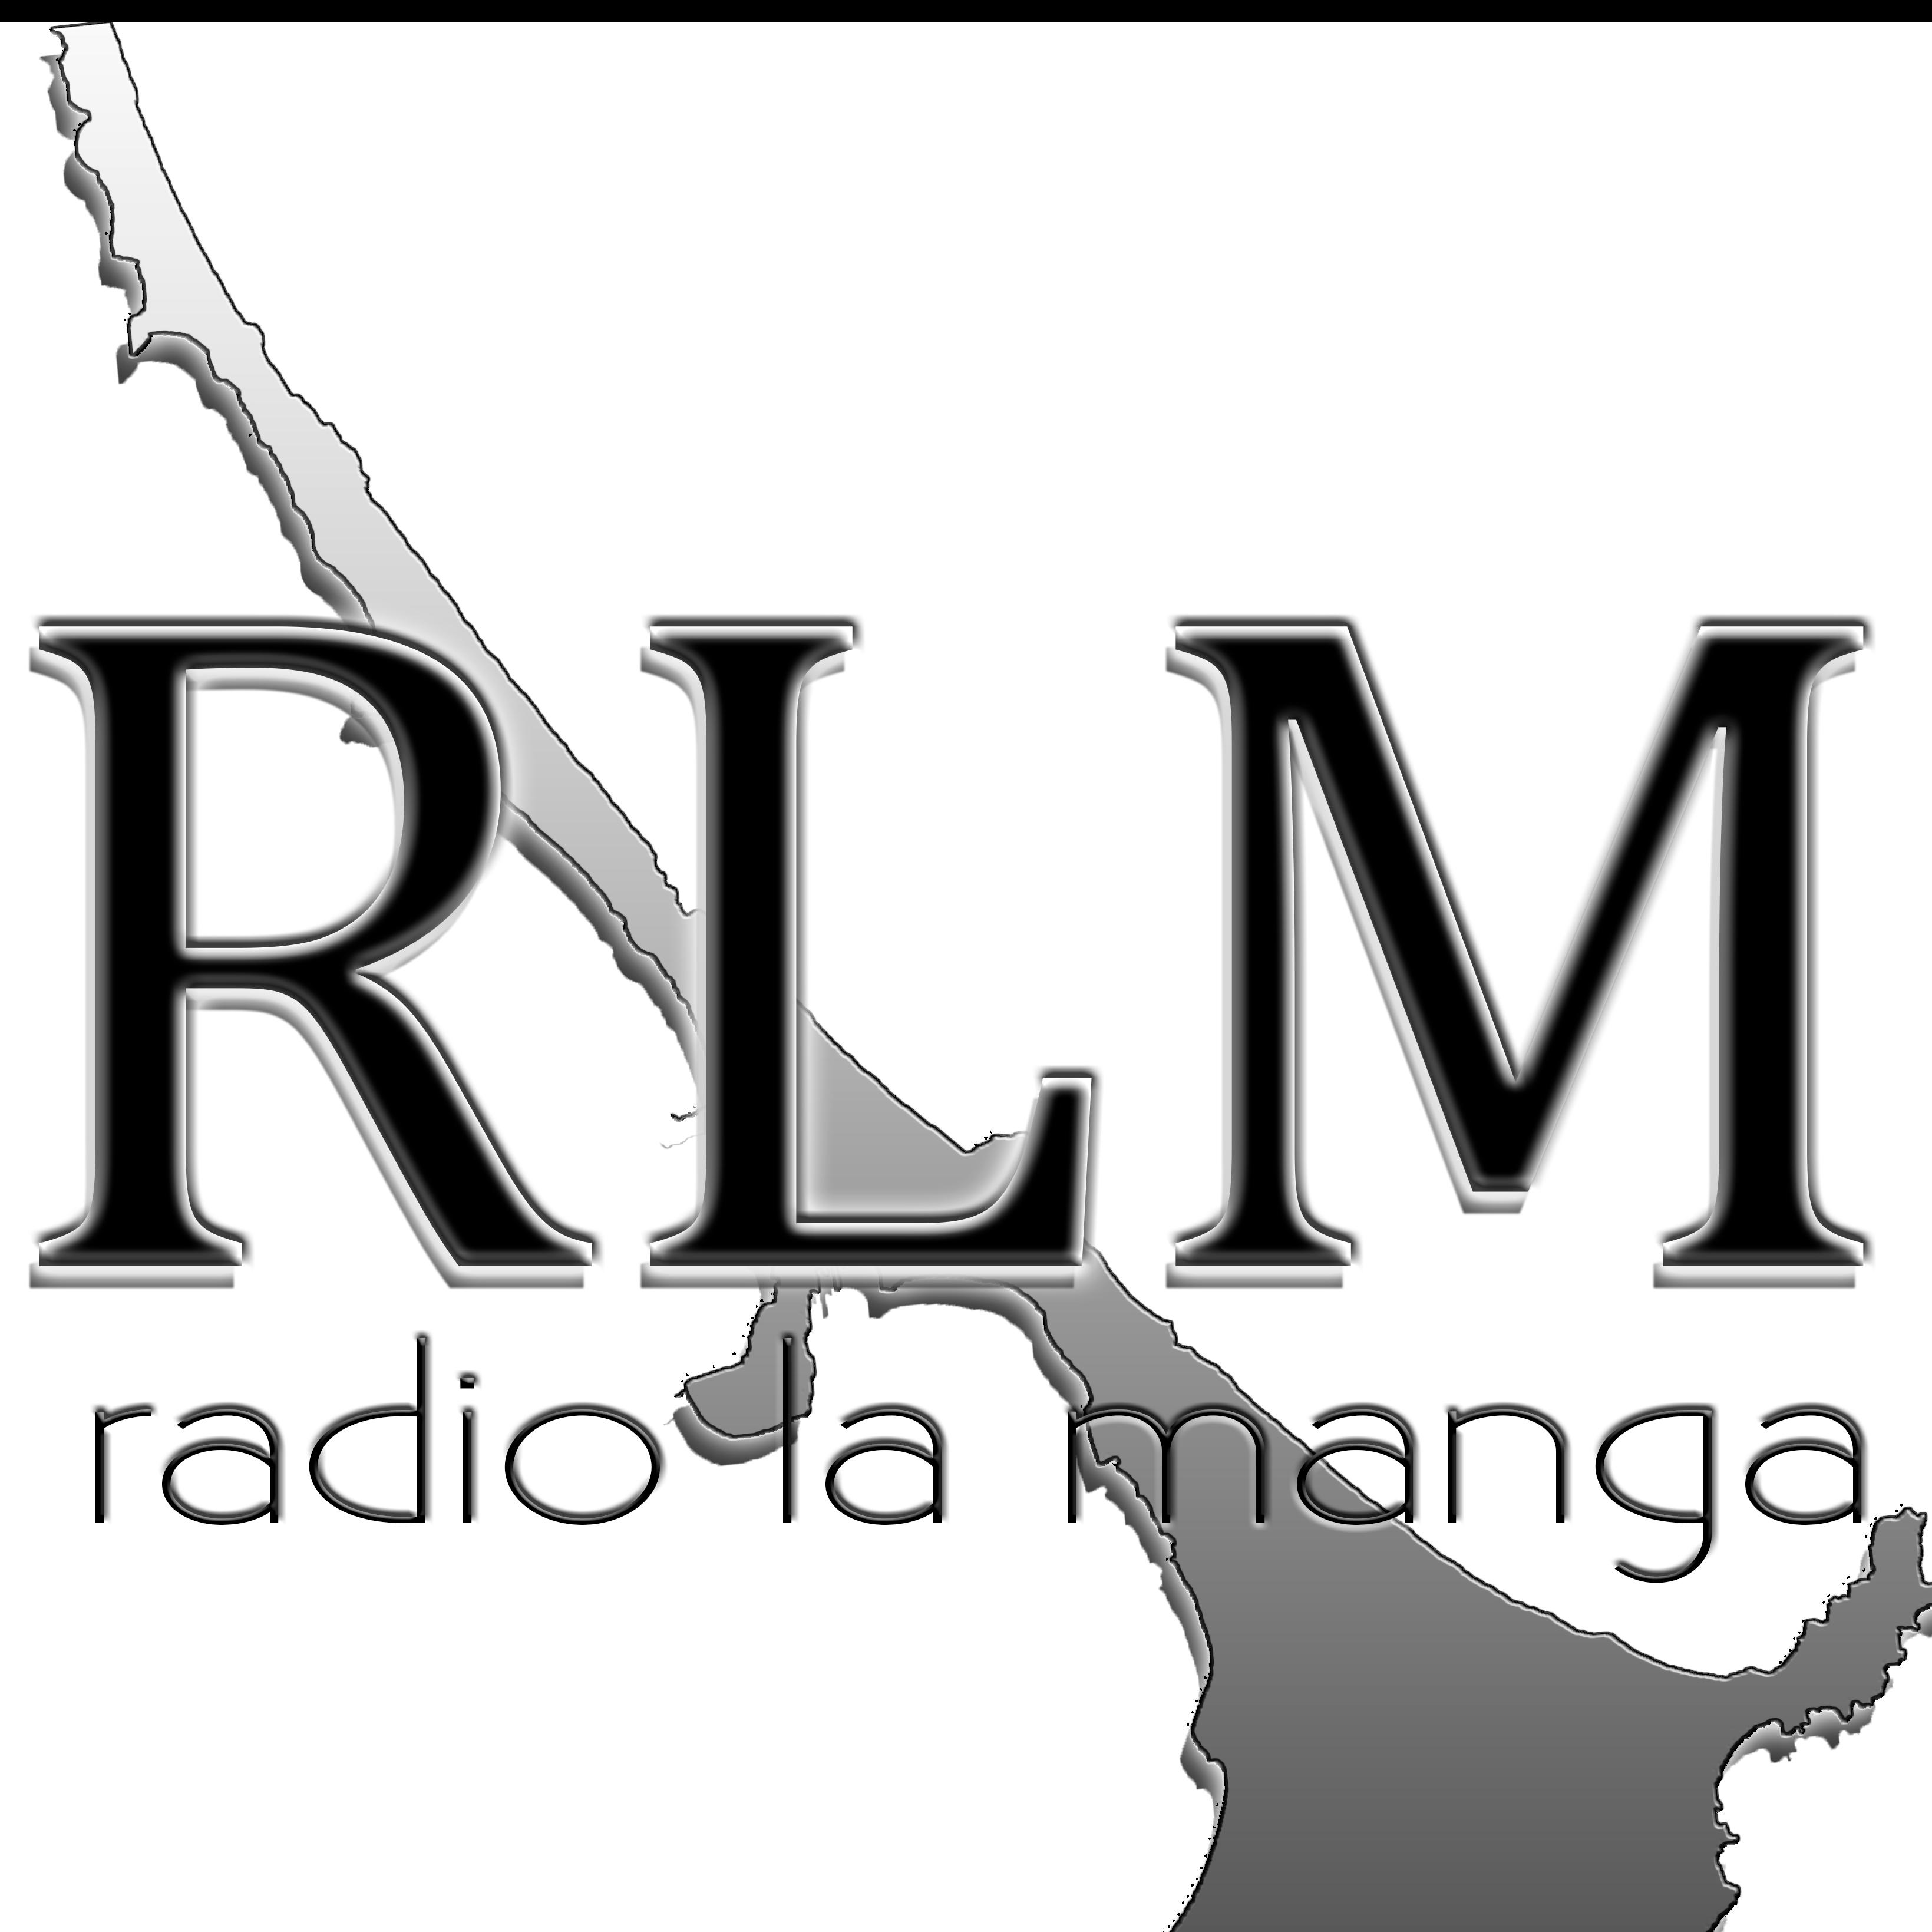 RLM (Radio La Manga)